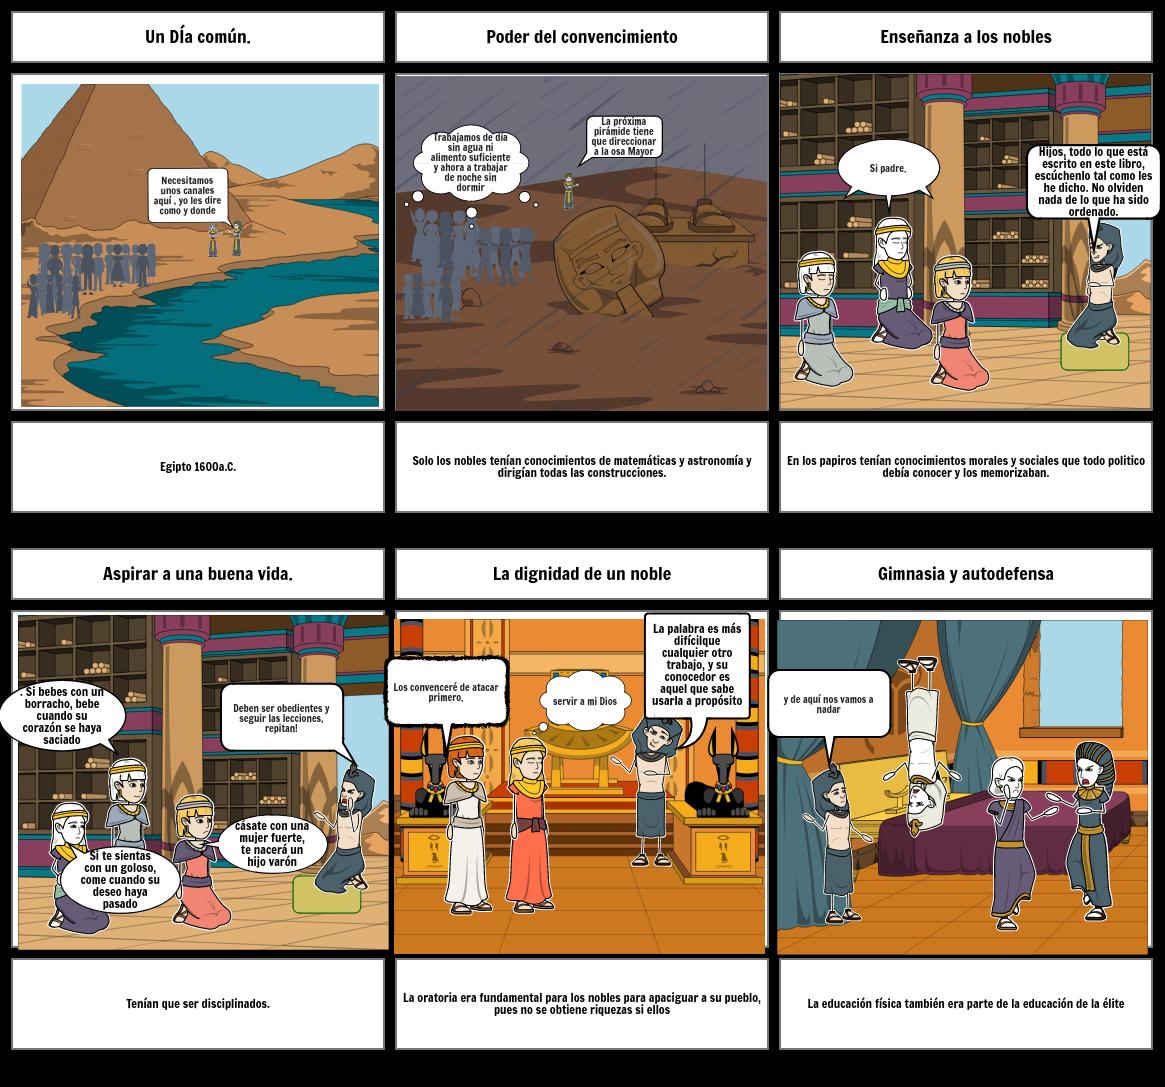 qué aprendían los egipcios?